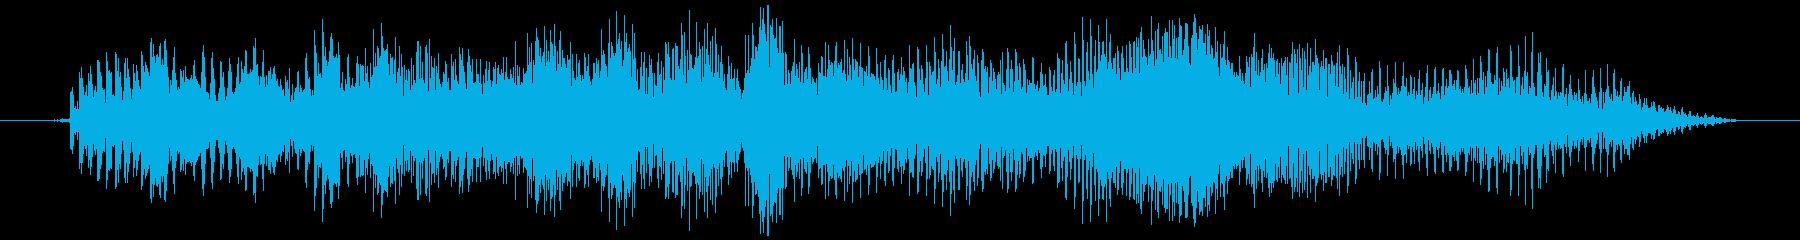 グラビティチューブ(濁り)ミヨヨッの再生済みの波形